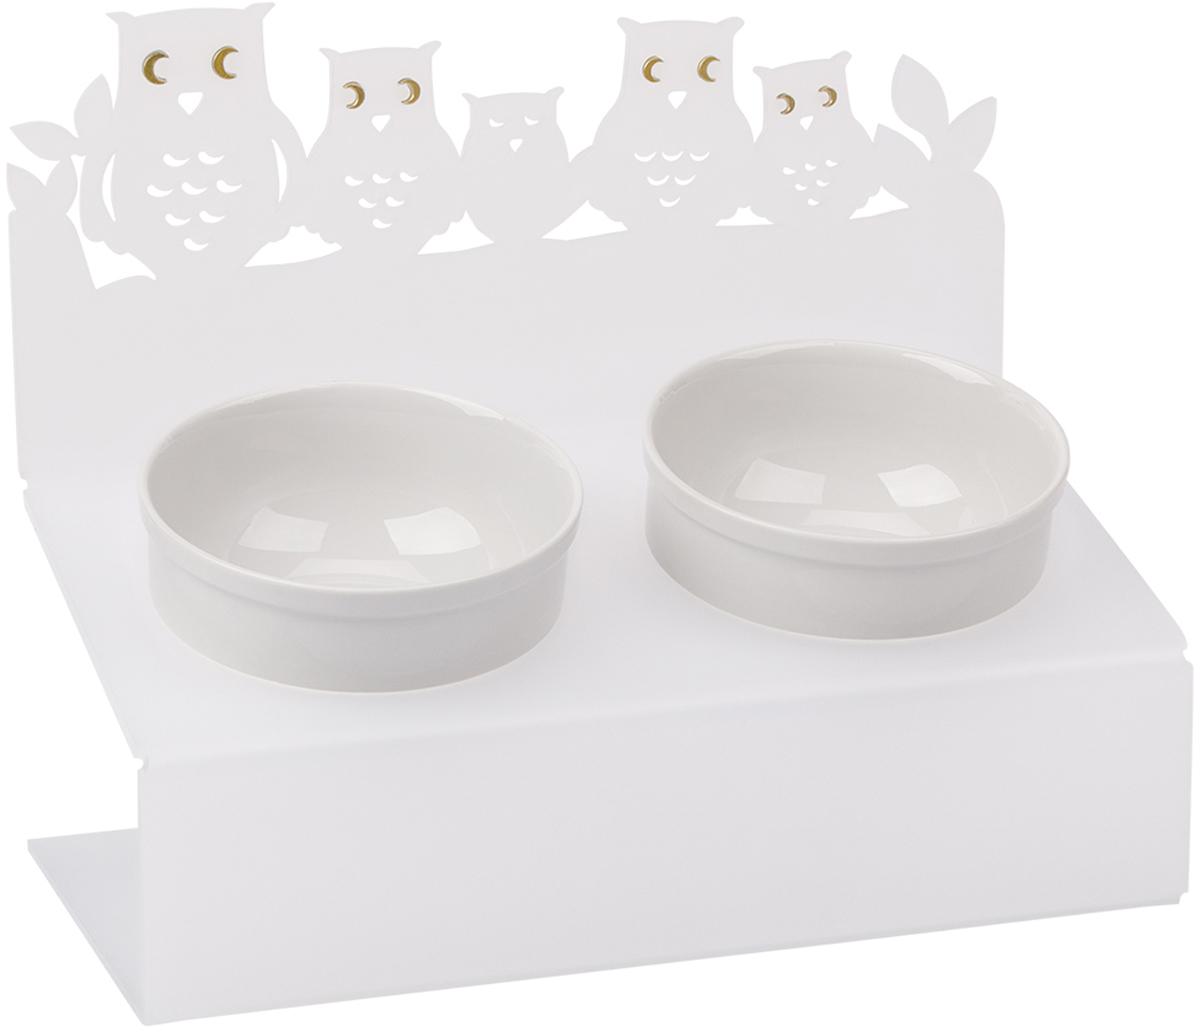 Миска для животныx Artmiska  Совы , двойная, на подставке, цвет: белый, 2 x 350 мл - Аксессуары для кормления